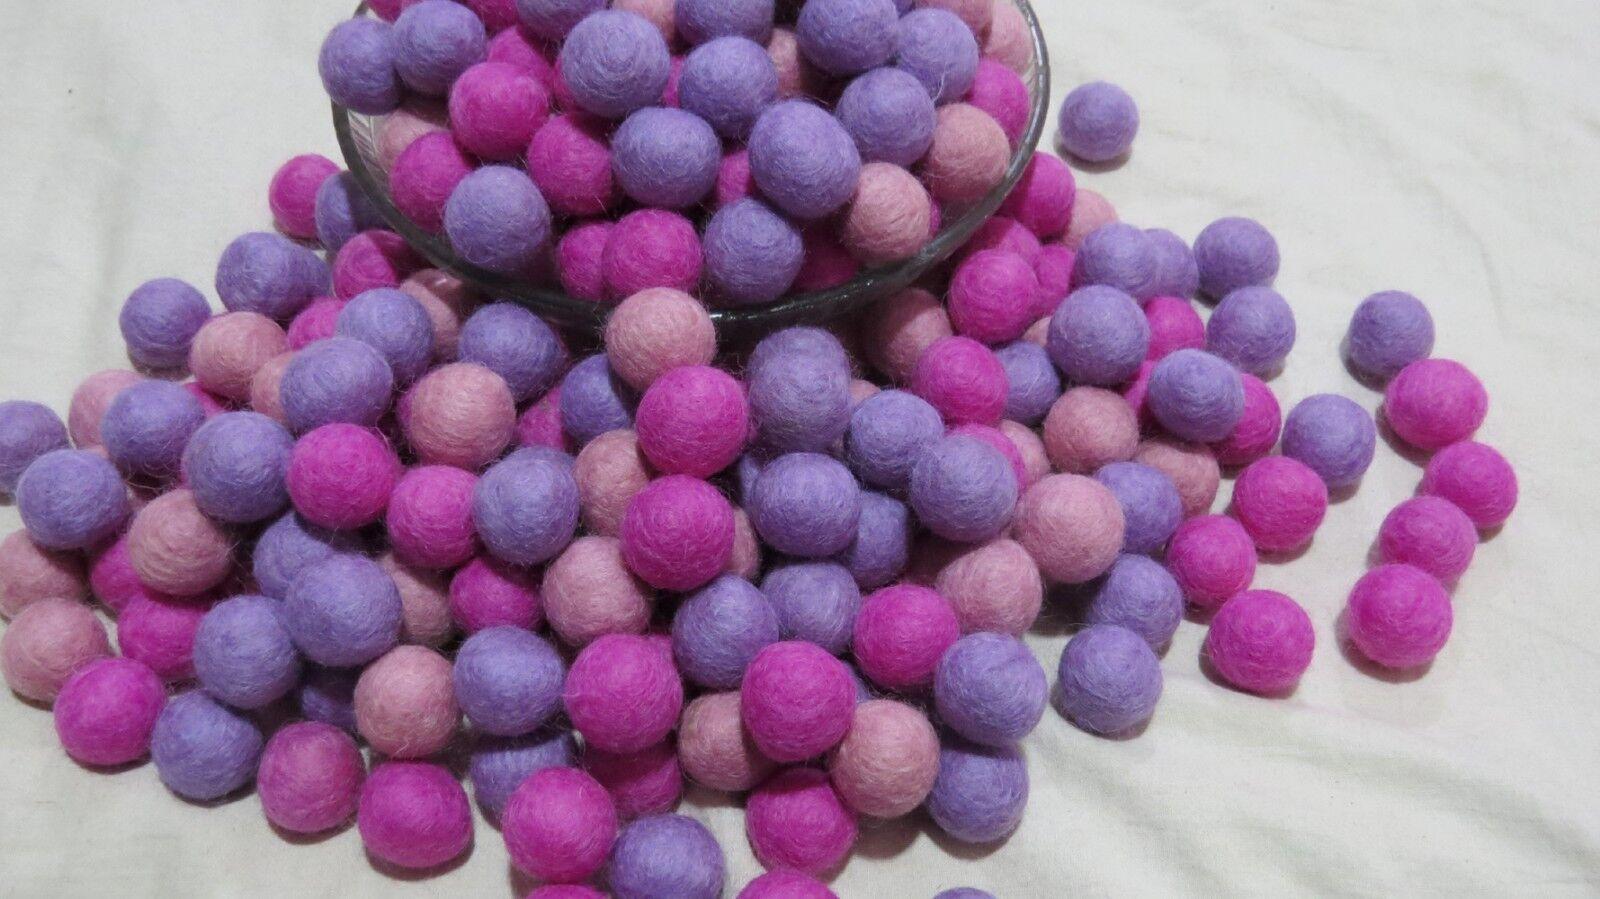 FB48 Nursery X Lot 2 cm DECOR Laine Feutre Feutre Feutre Balle 20 mm rose violet pompon perles | Une Bonne Conservation De La Chaleur  | Conception Habile  | Bien Connu Pour Sa Fine Qualité  0fded7